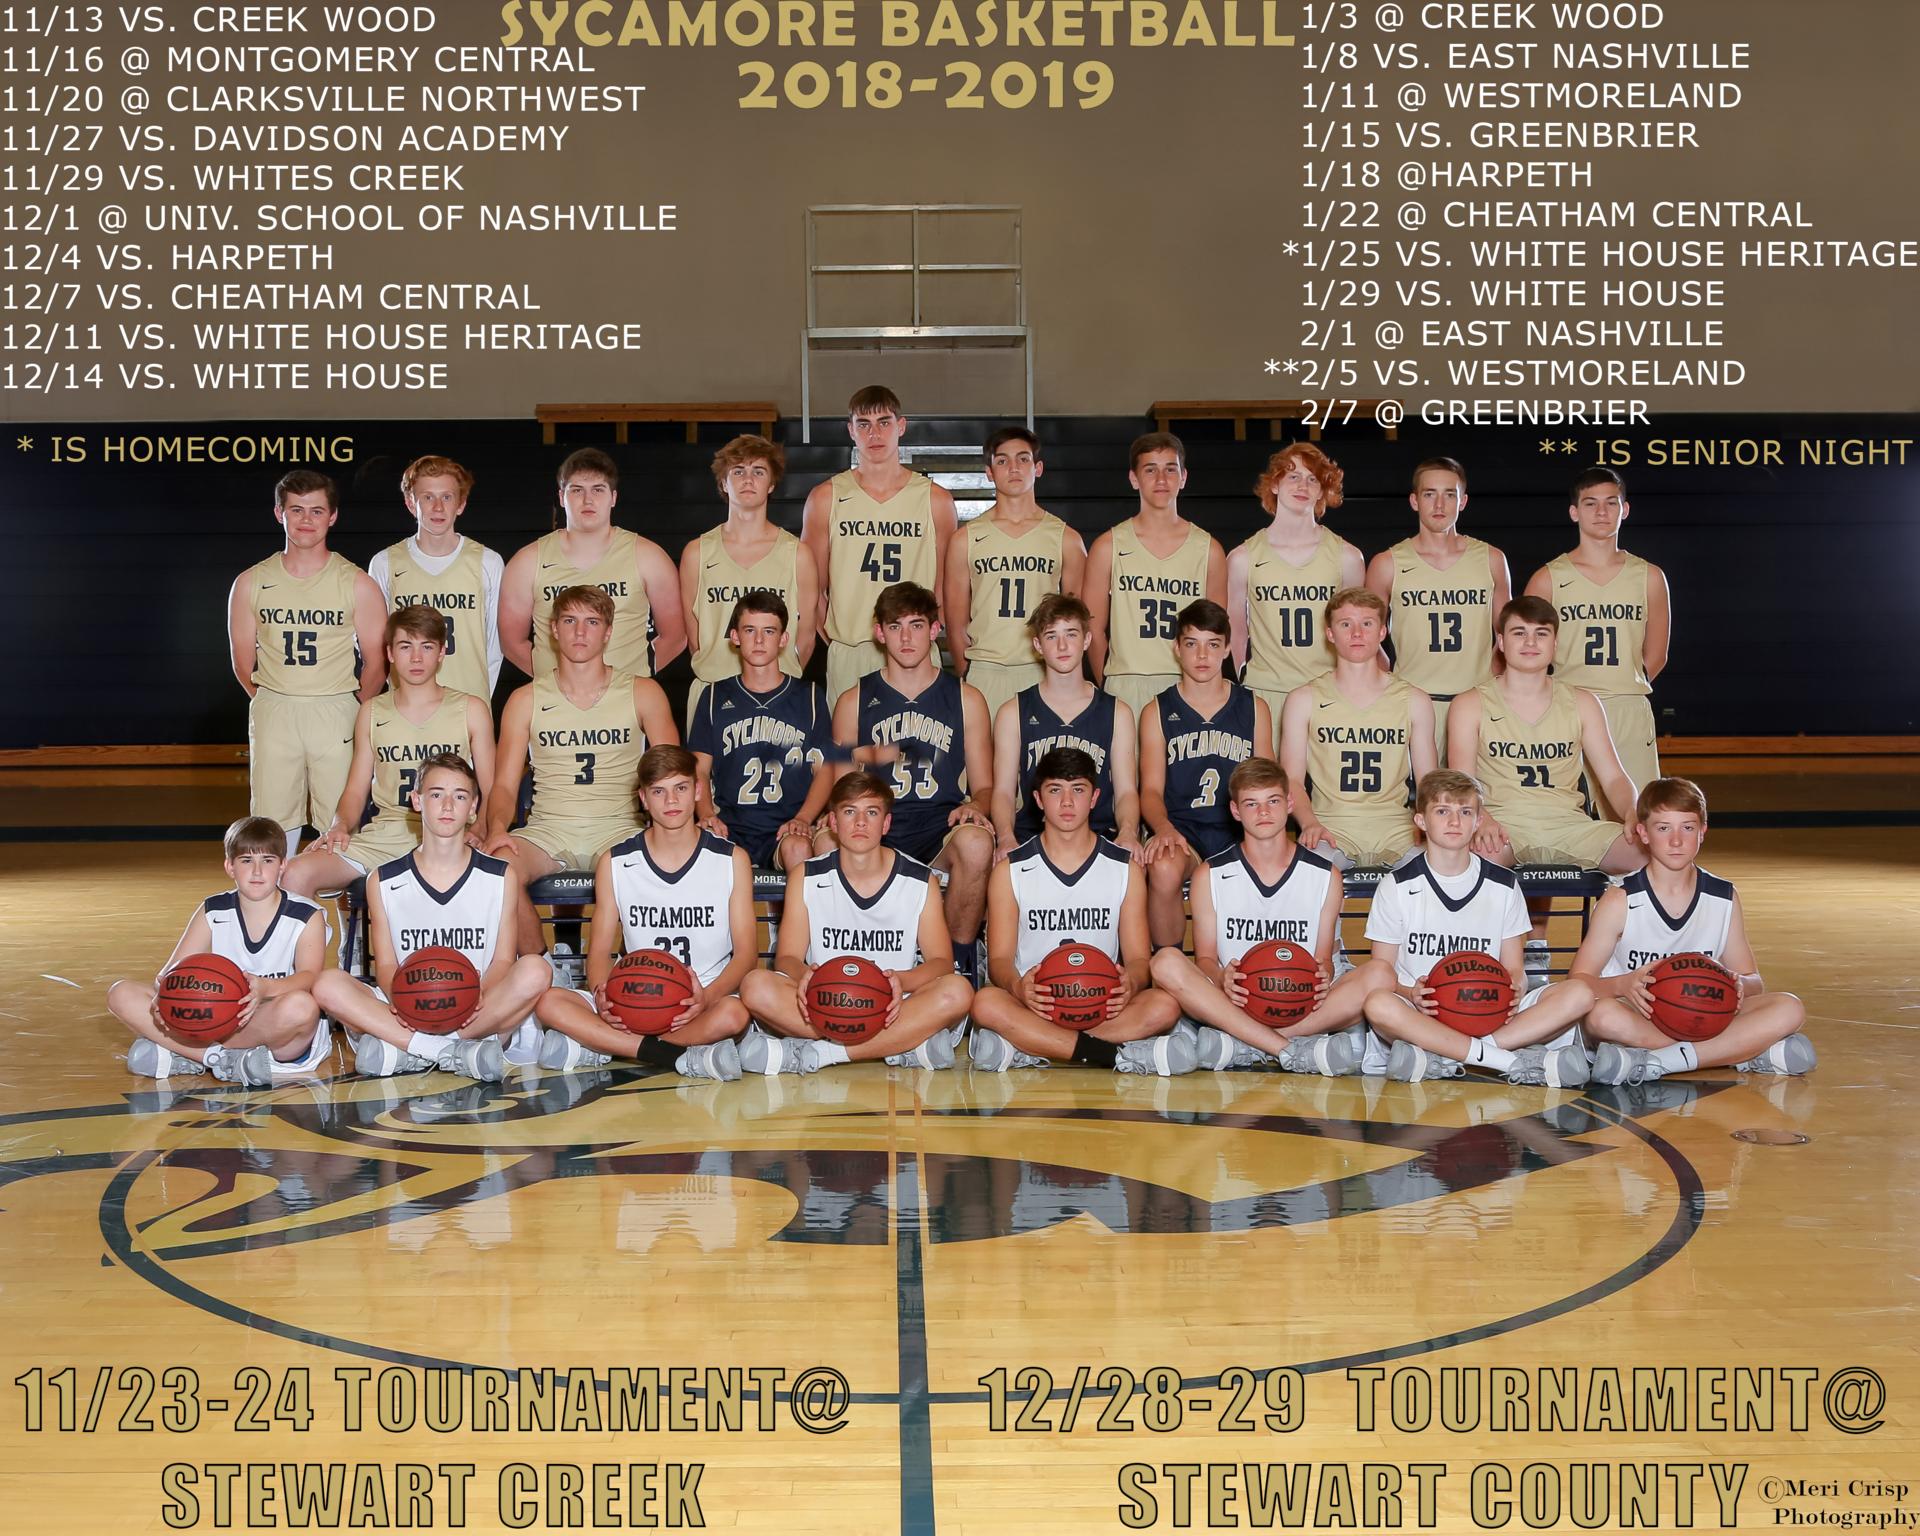 War Eagle Basketball 2018/19